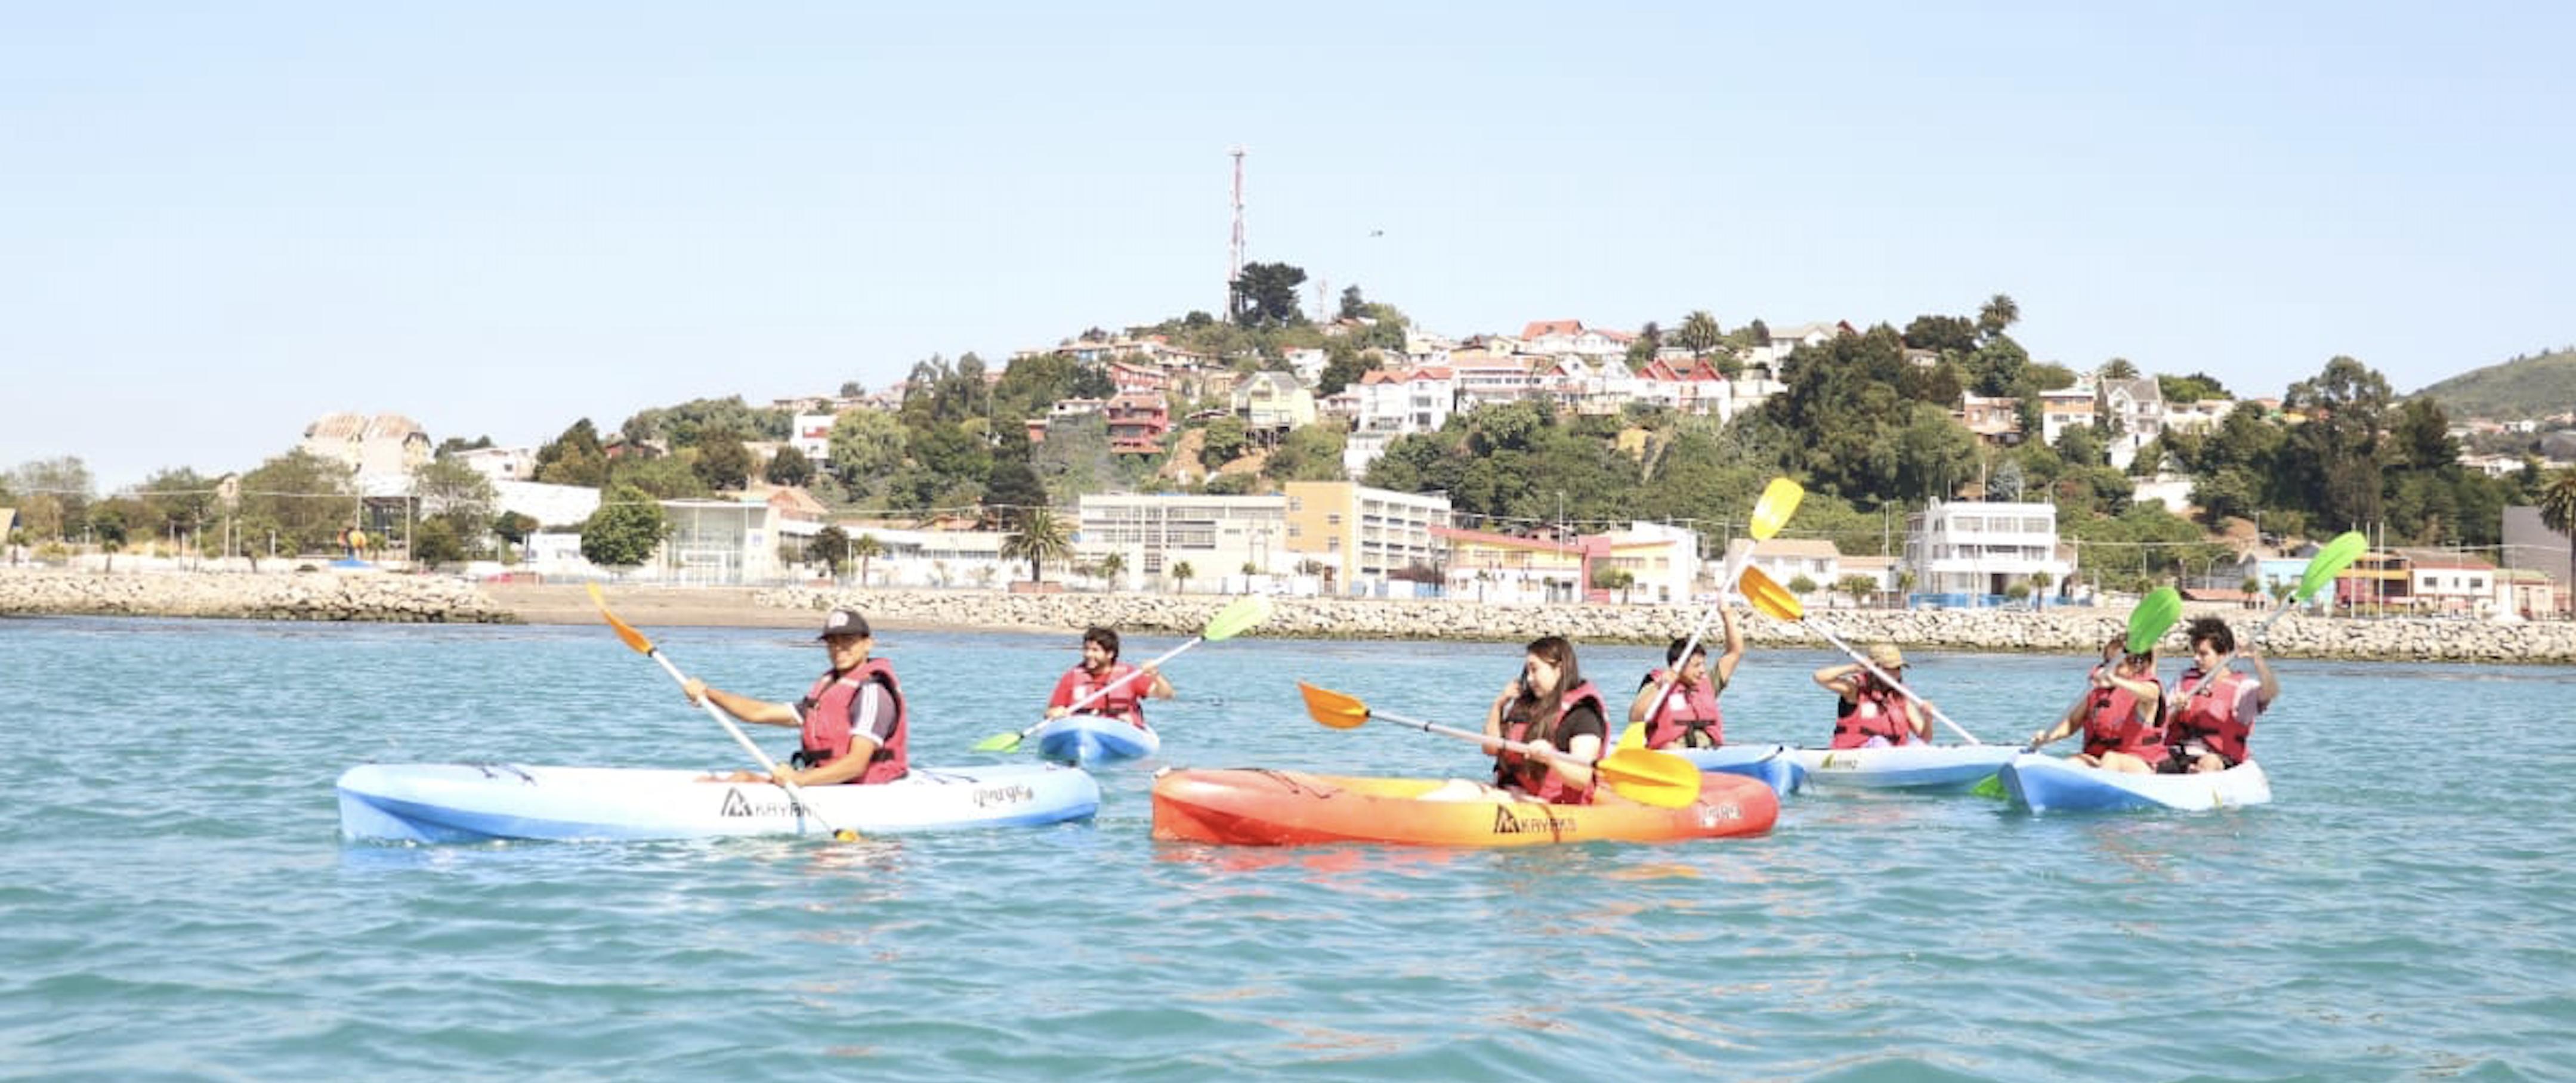 oficina-de-deporte-de-talcahuano-ofrece-paseo-en-kayak-gratuito-para-la-comunidad